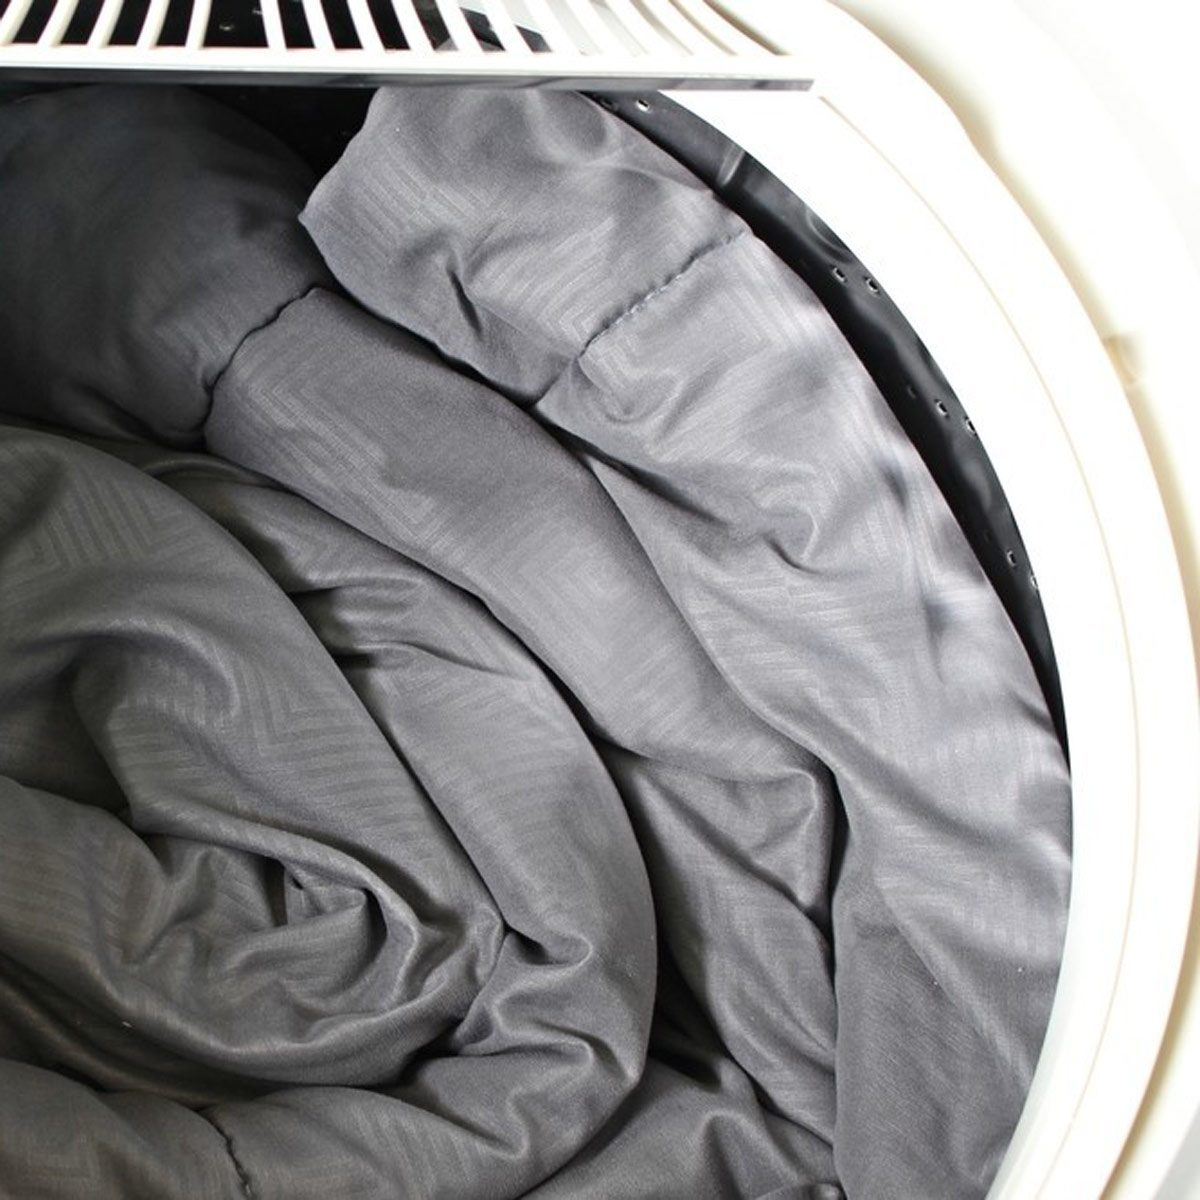 Wash All Bedding